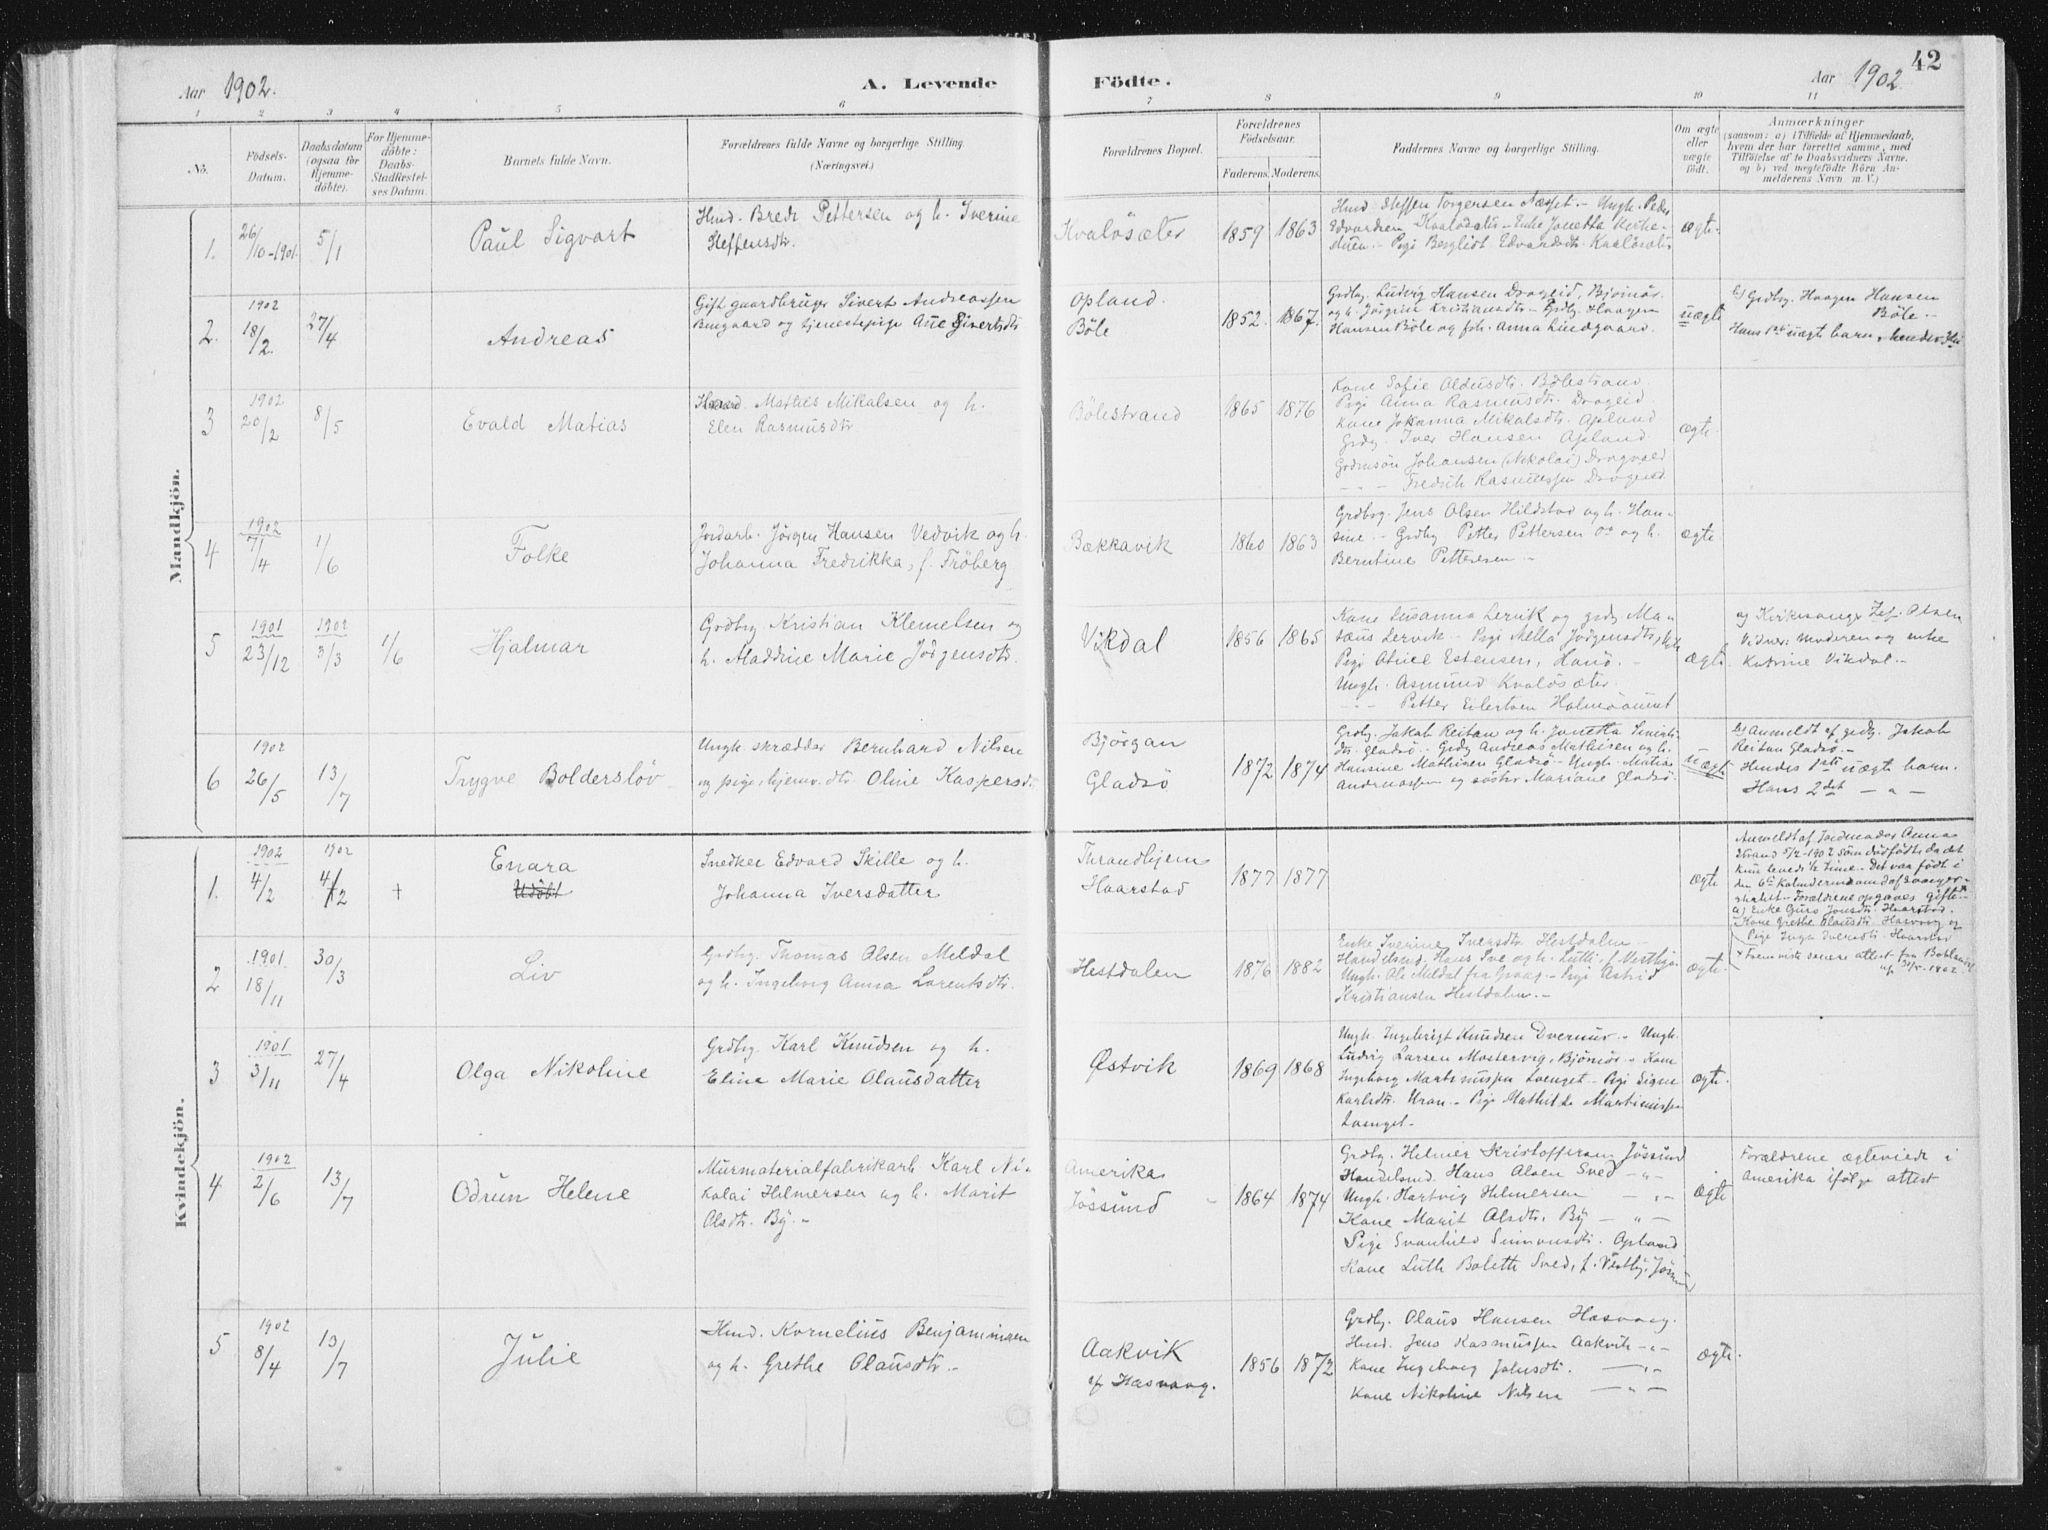 SAT, Ministerialprotokoller, klokkerbøker og fødselsregistre - Nord-Trøndelag, 771/L0597: Ministerialbok nr. 771A04, 1885-1910, s. 42